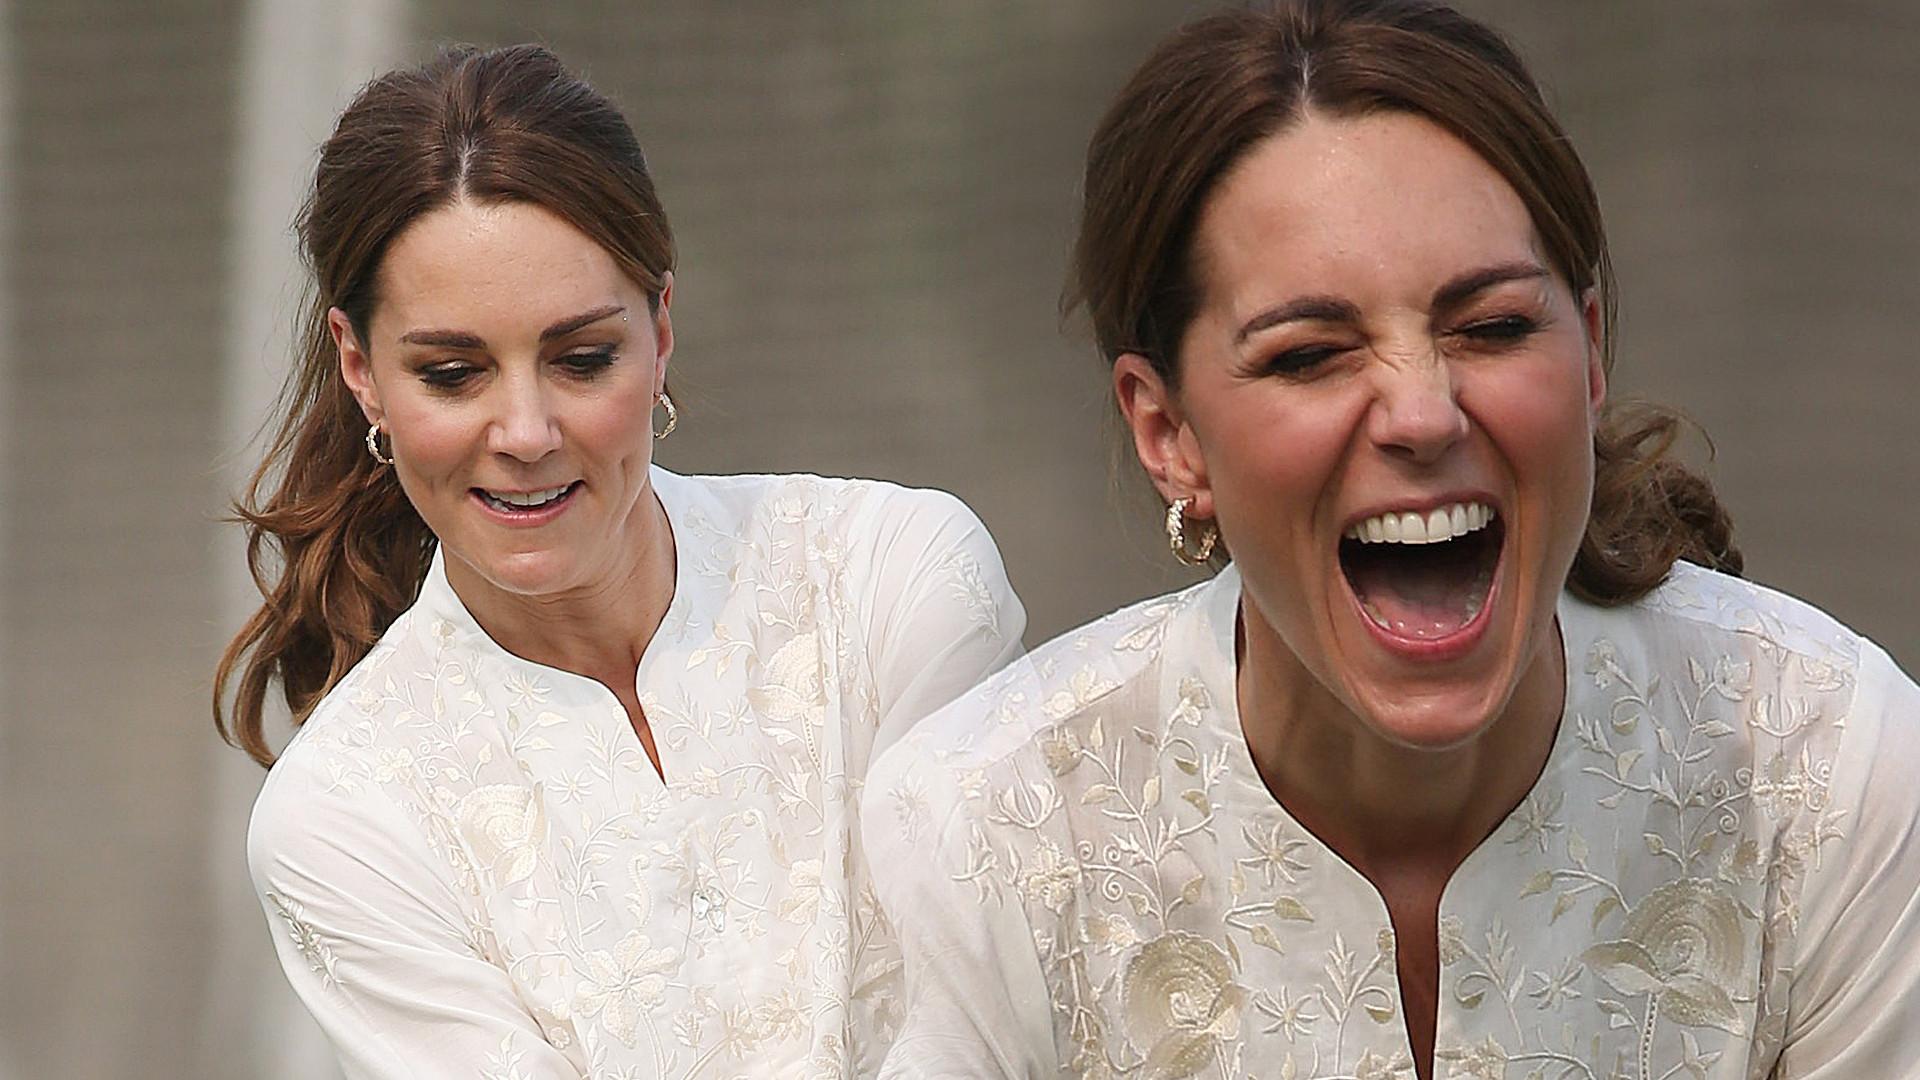 Dawno nie widzieliśmy takiej księżnej Kate! Cała na biało świetnie bawiła się na boisku (ZDJĘCIA)